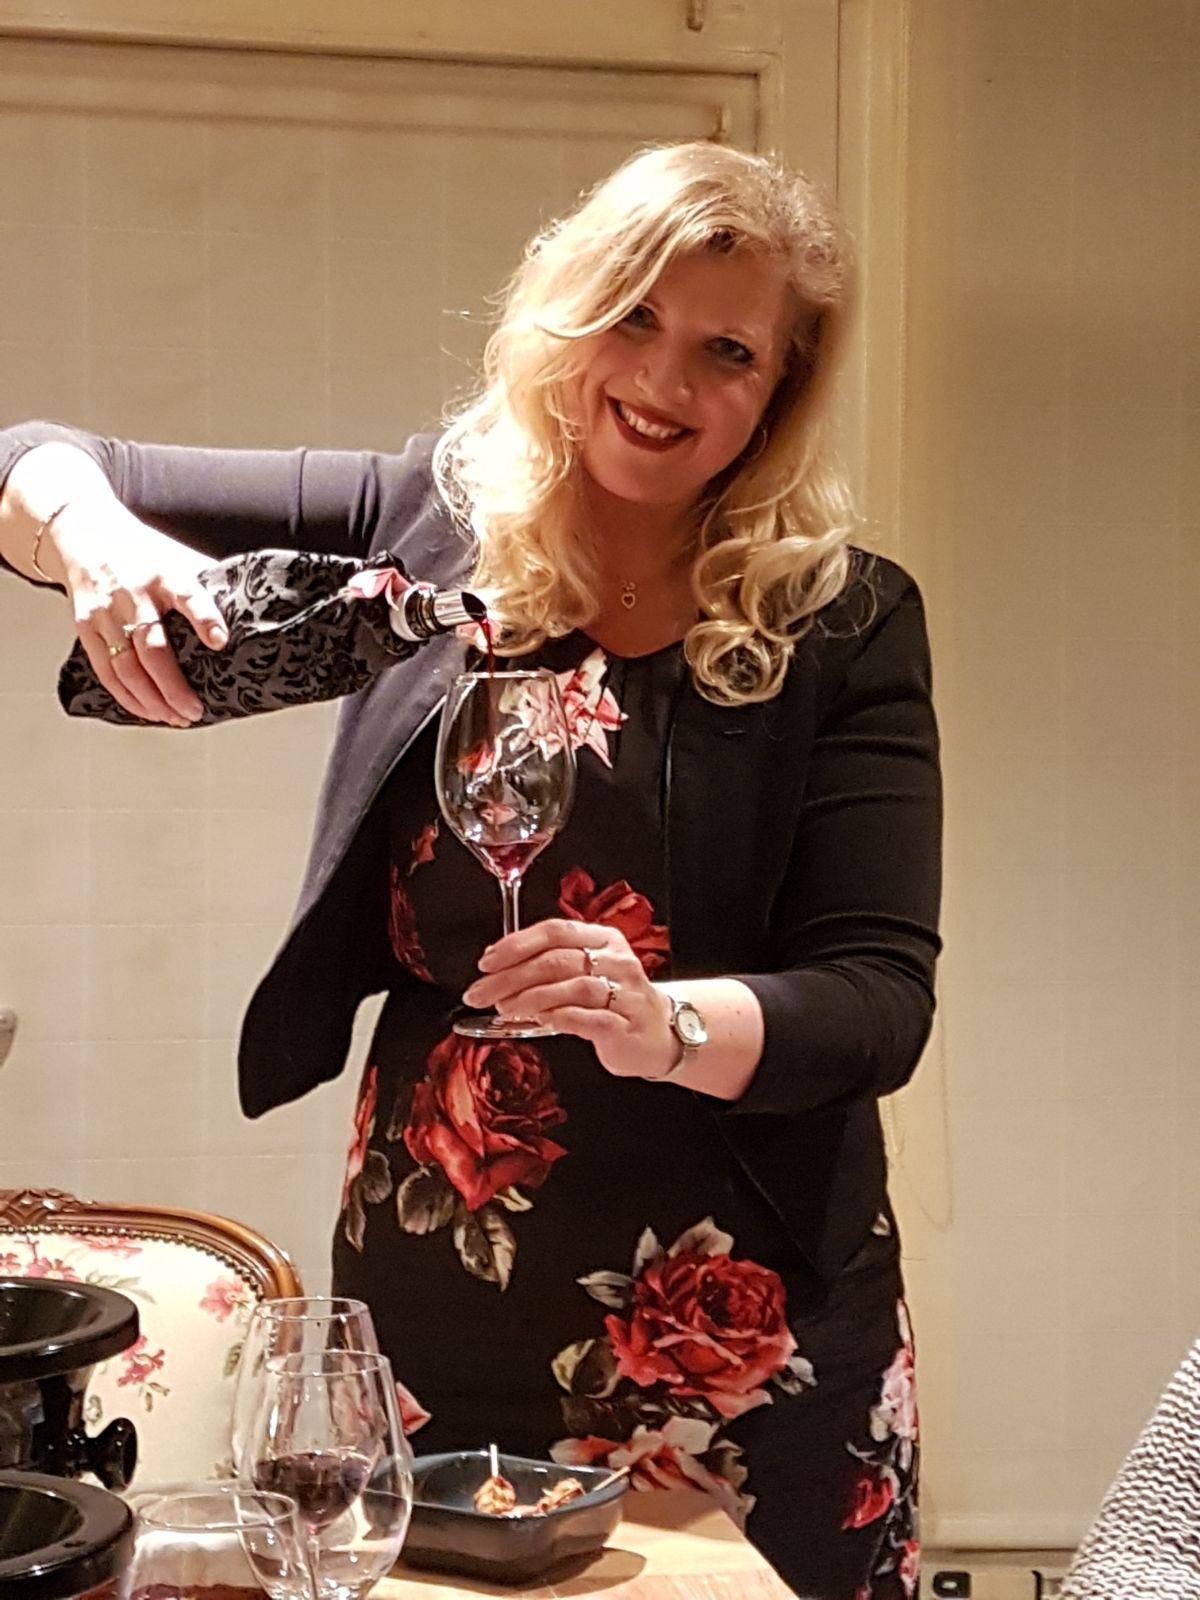 Bedankt voor je bezoek.Ik ben erg benieuwd wat jij vindt van mijn wijnproeverijen.Laat hier je reactie achter. -